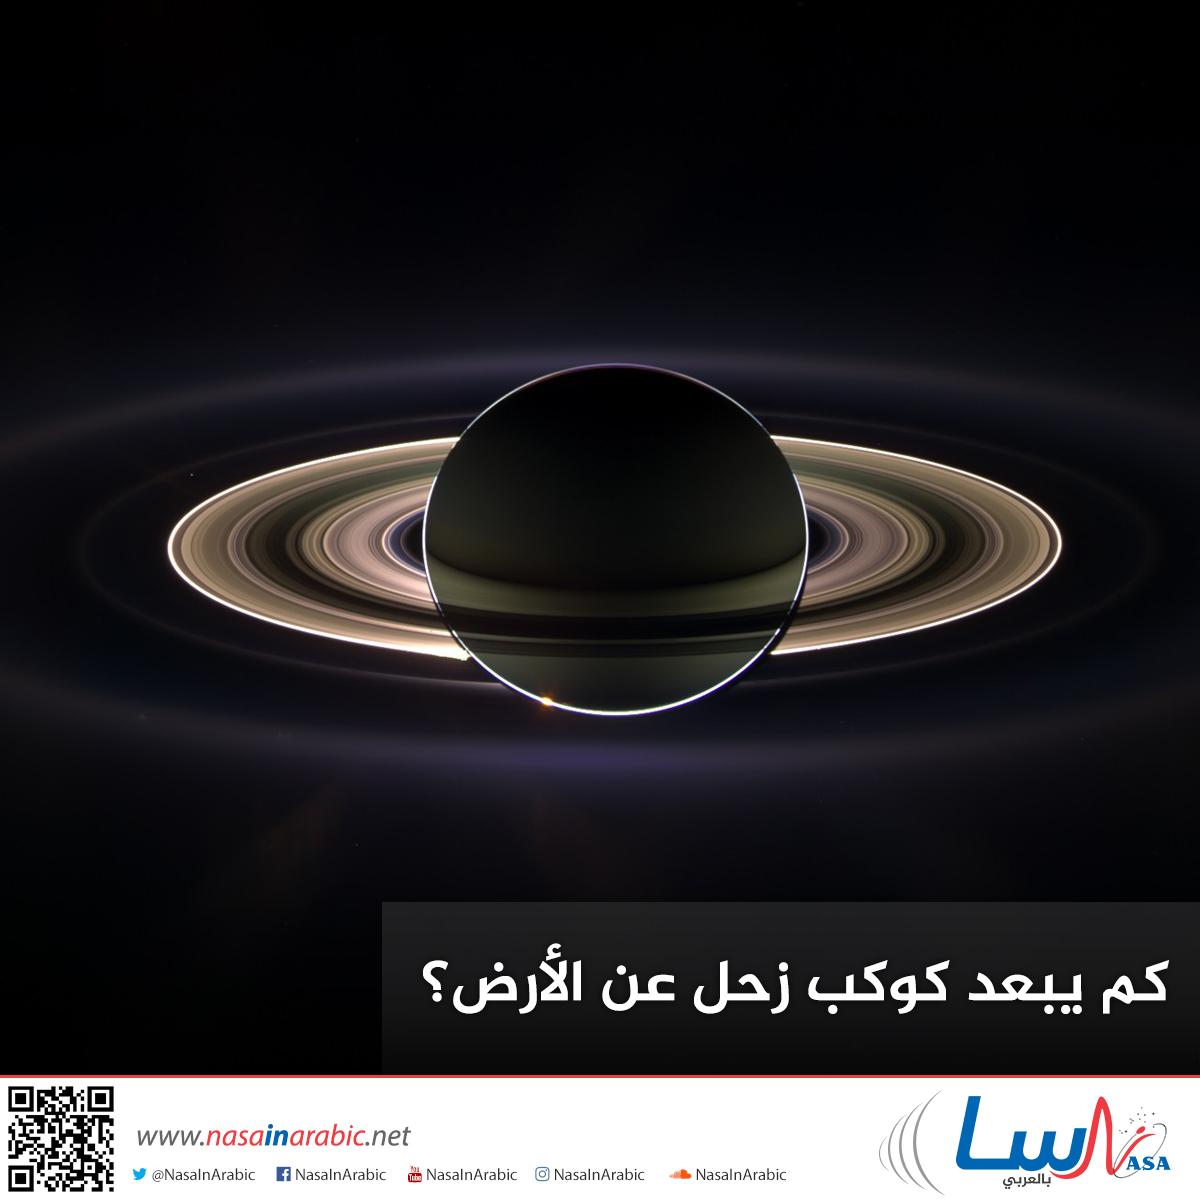 كم يبعد كوكب زحل عن الأرض؟